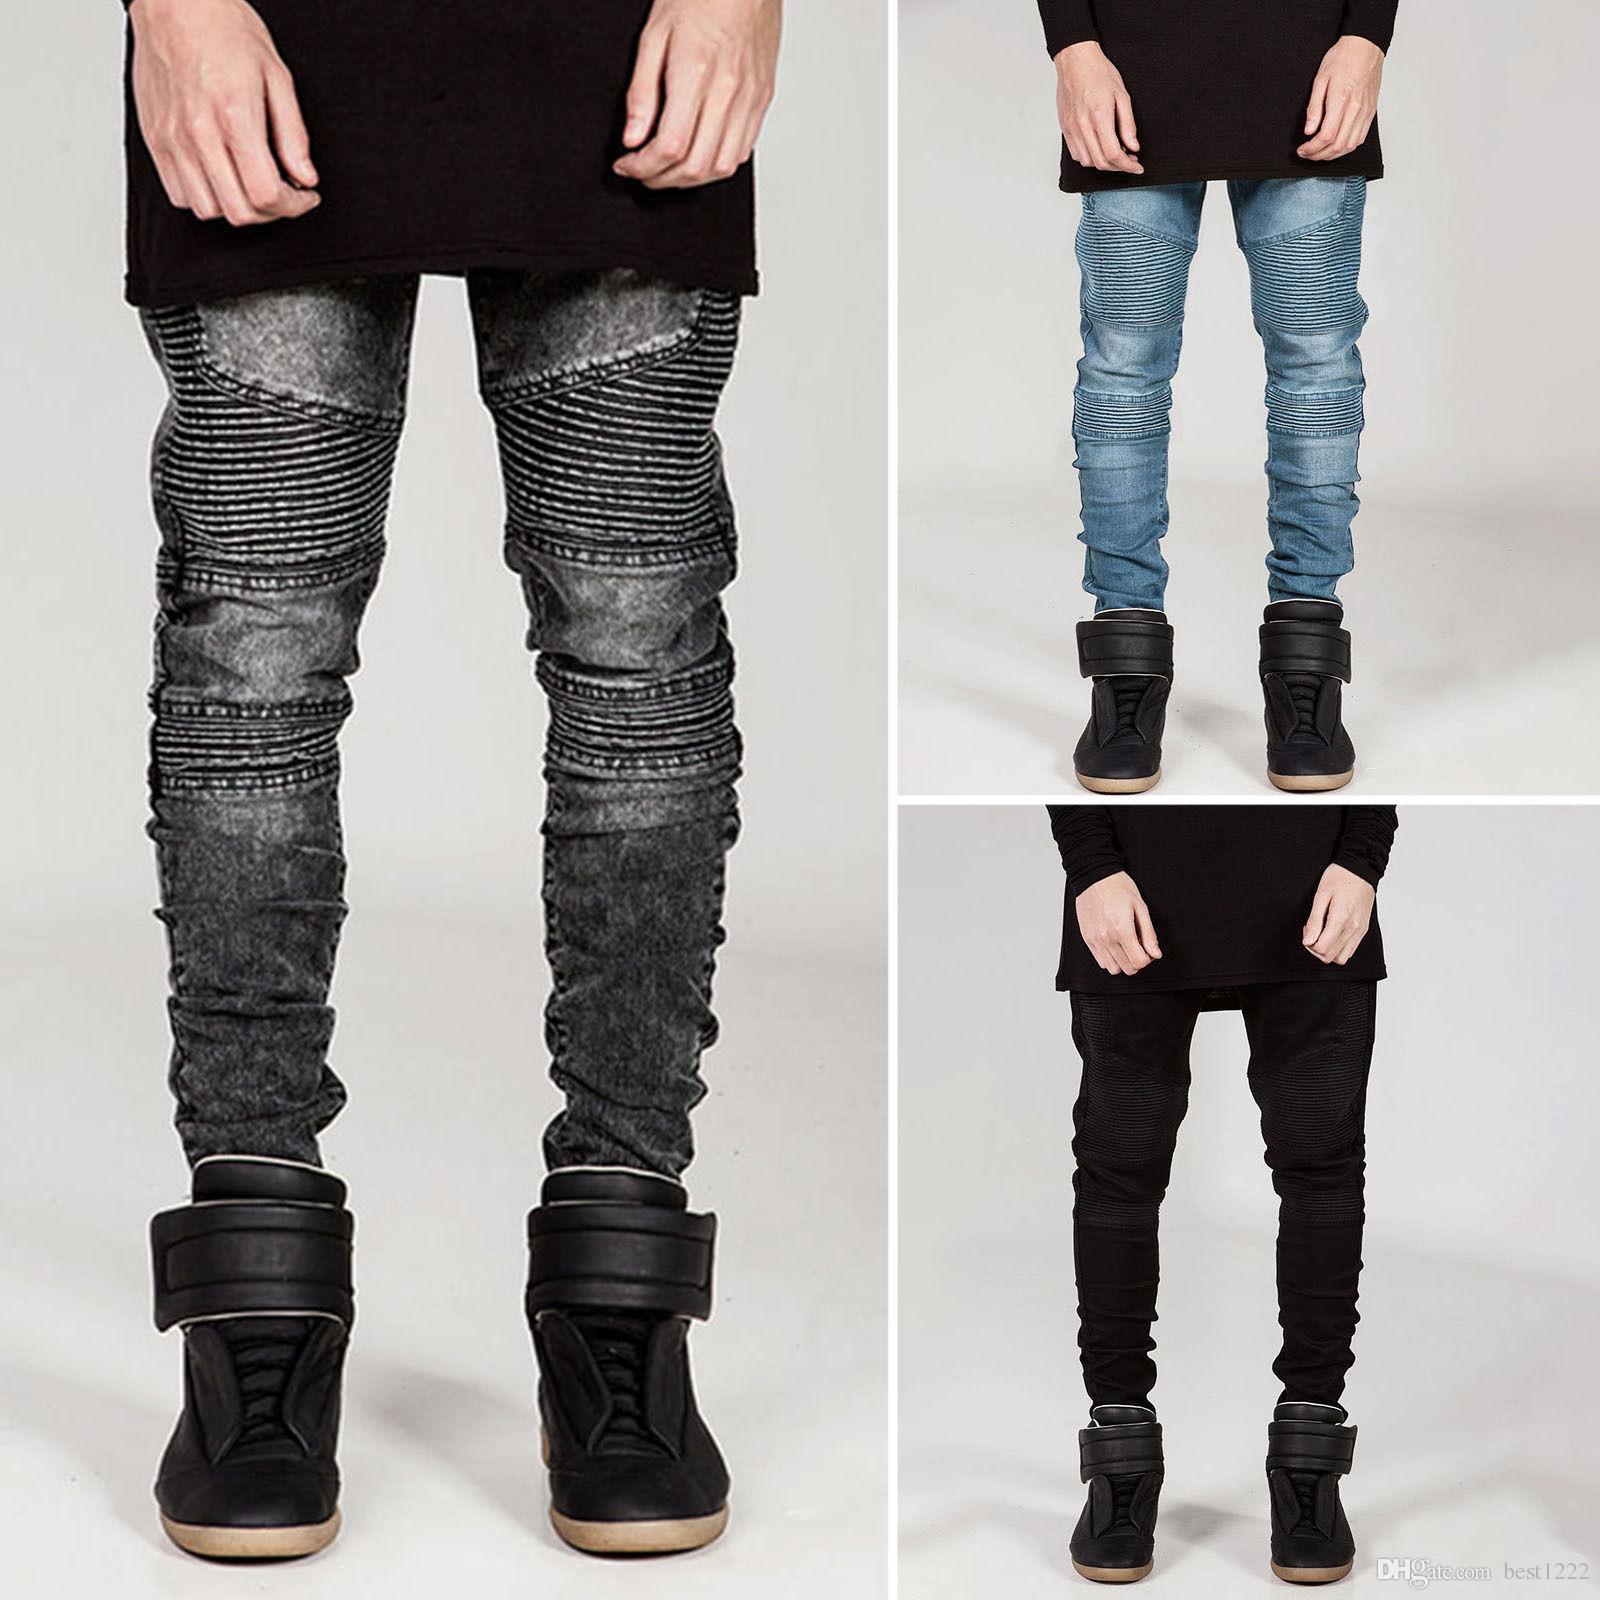 En gros nouveaux fabricants ventes directes de l'Europe et les États-Unis BIKER JEANS marée marque pantalons pantalons slim slim jeans